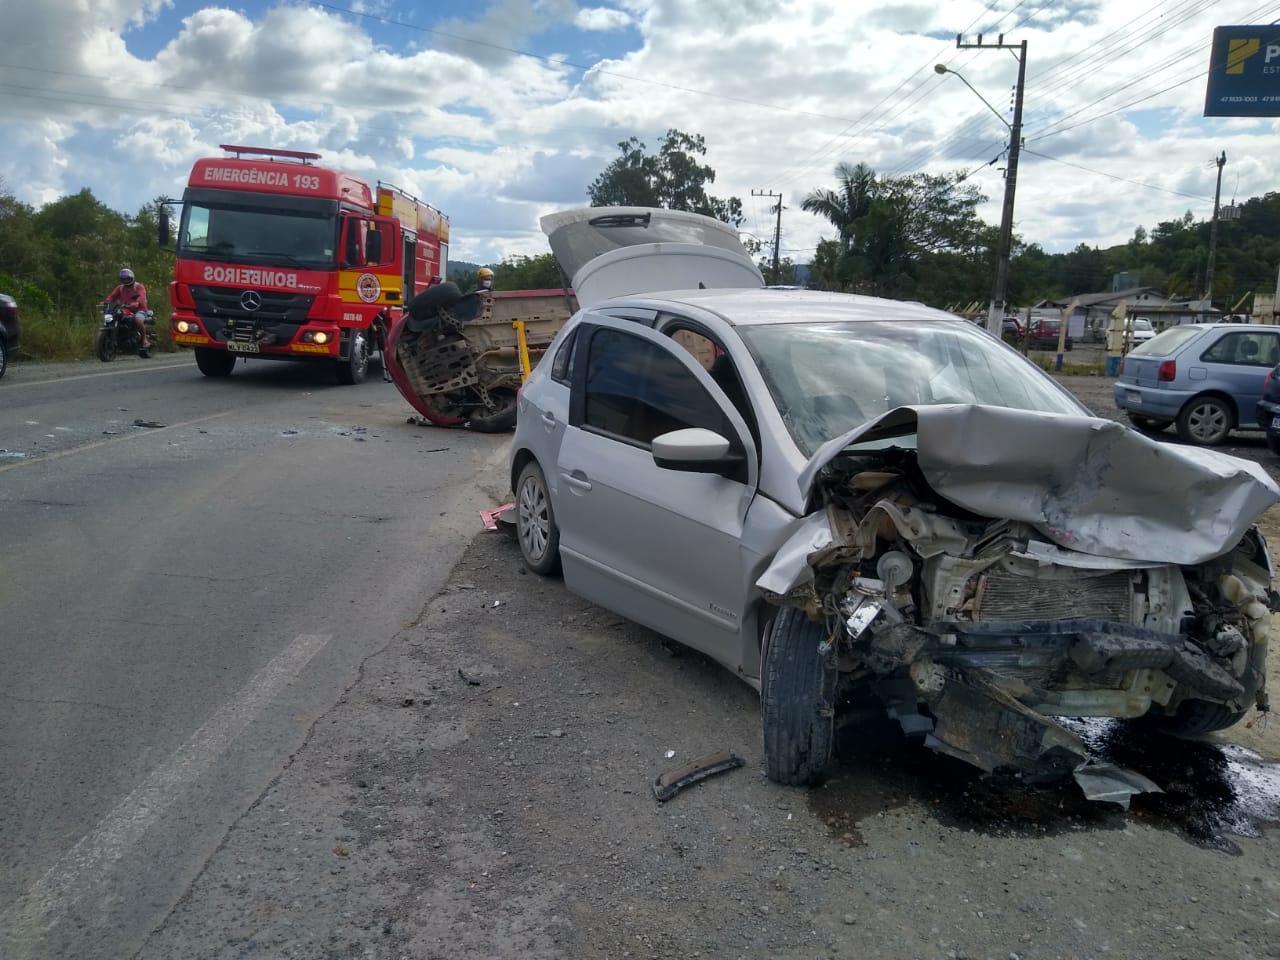 Após colisão entre dois veículos na SC 350 em Ituporanga, vítima fica encarcerada e sofre traumatismo craniano